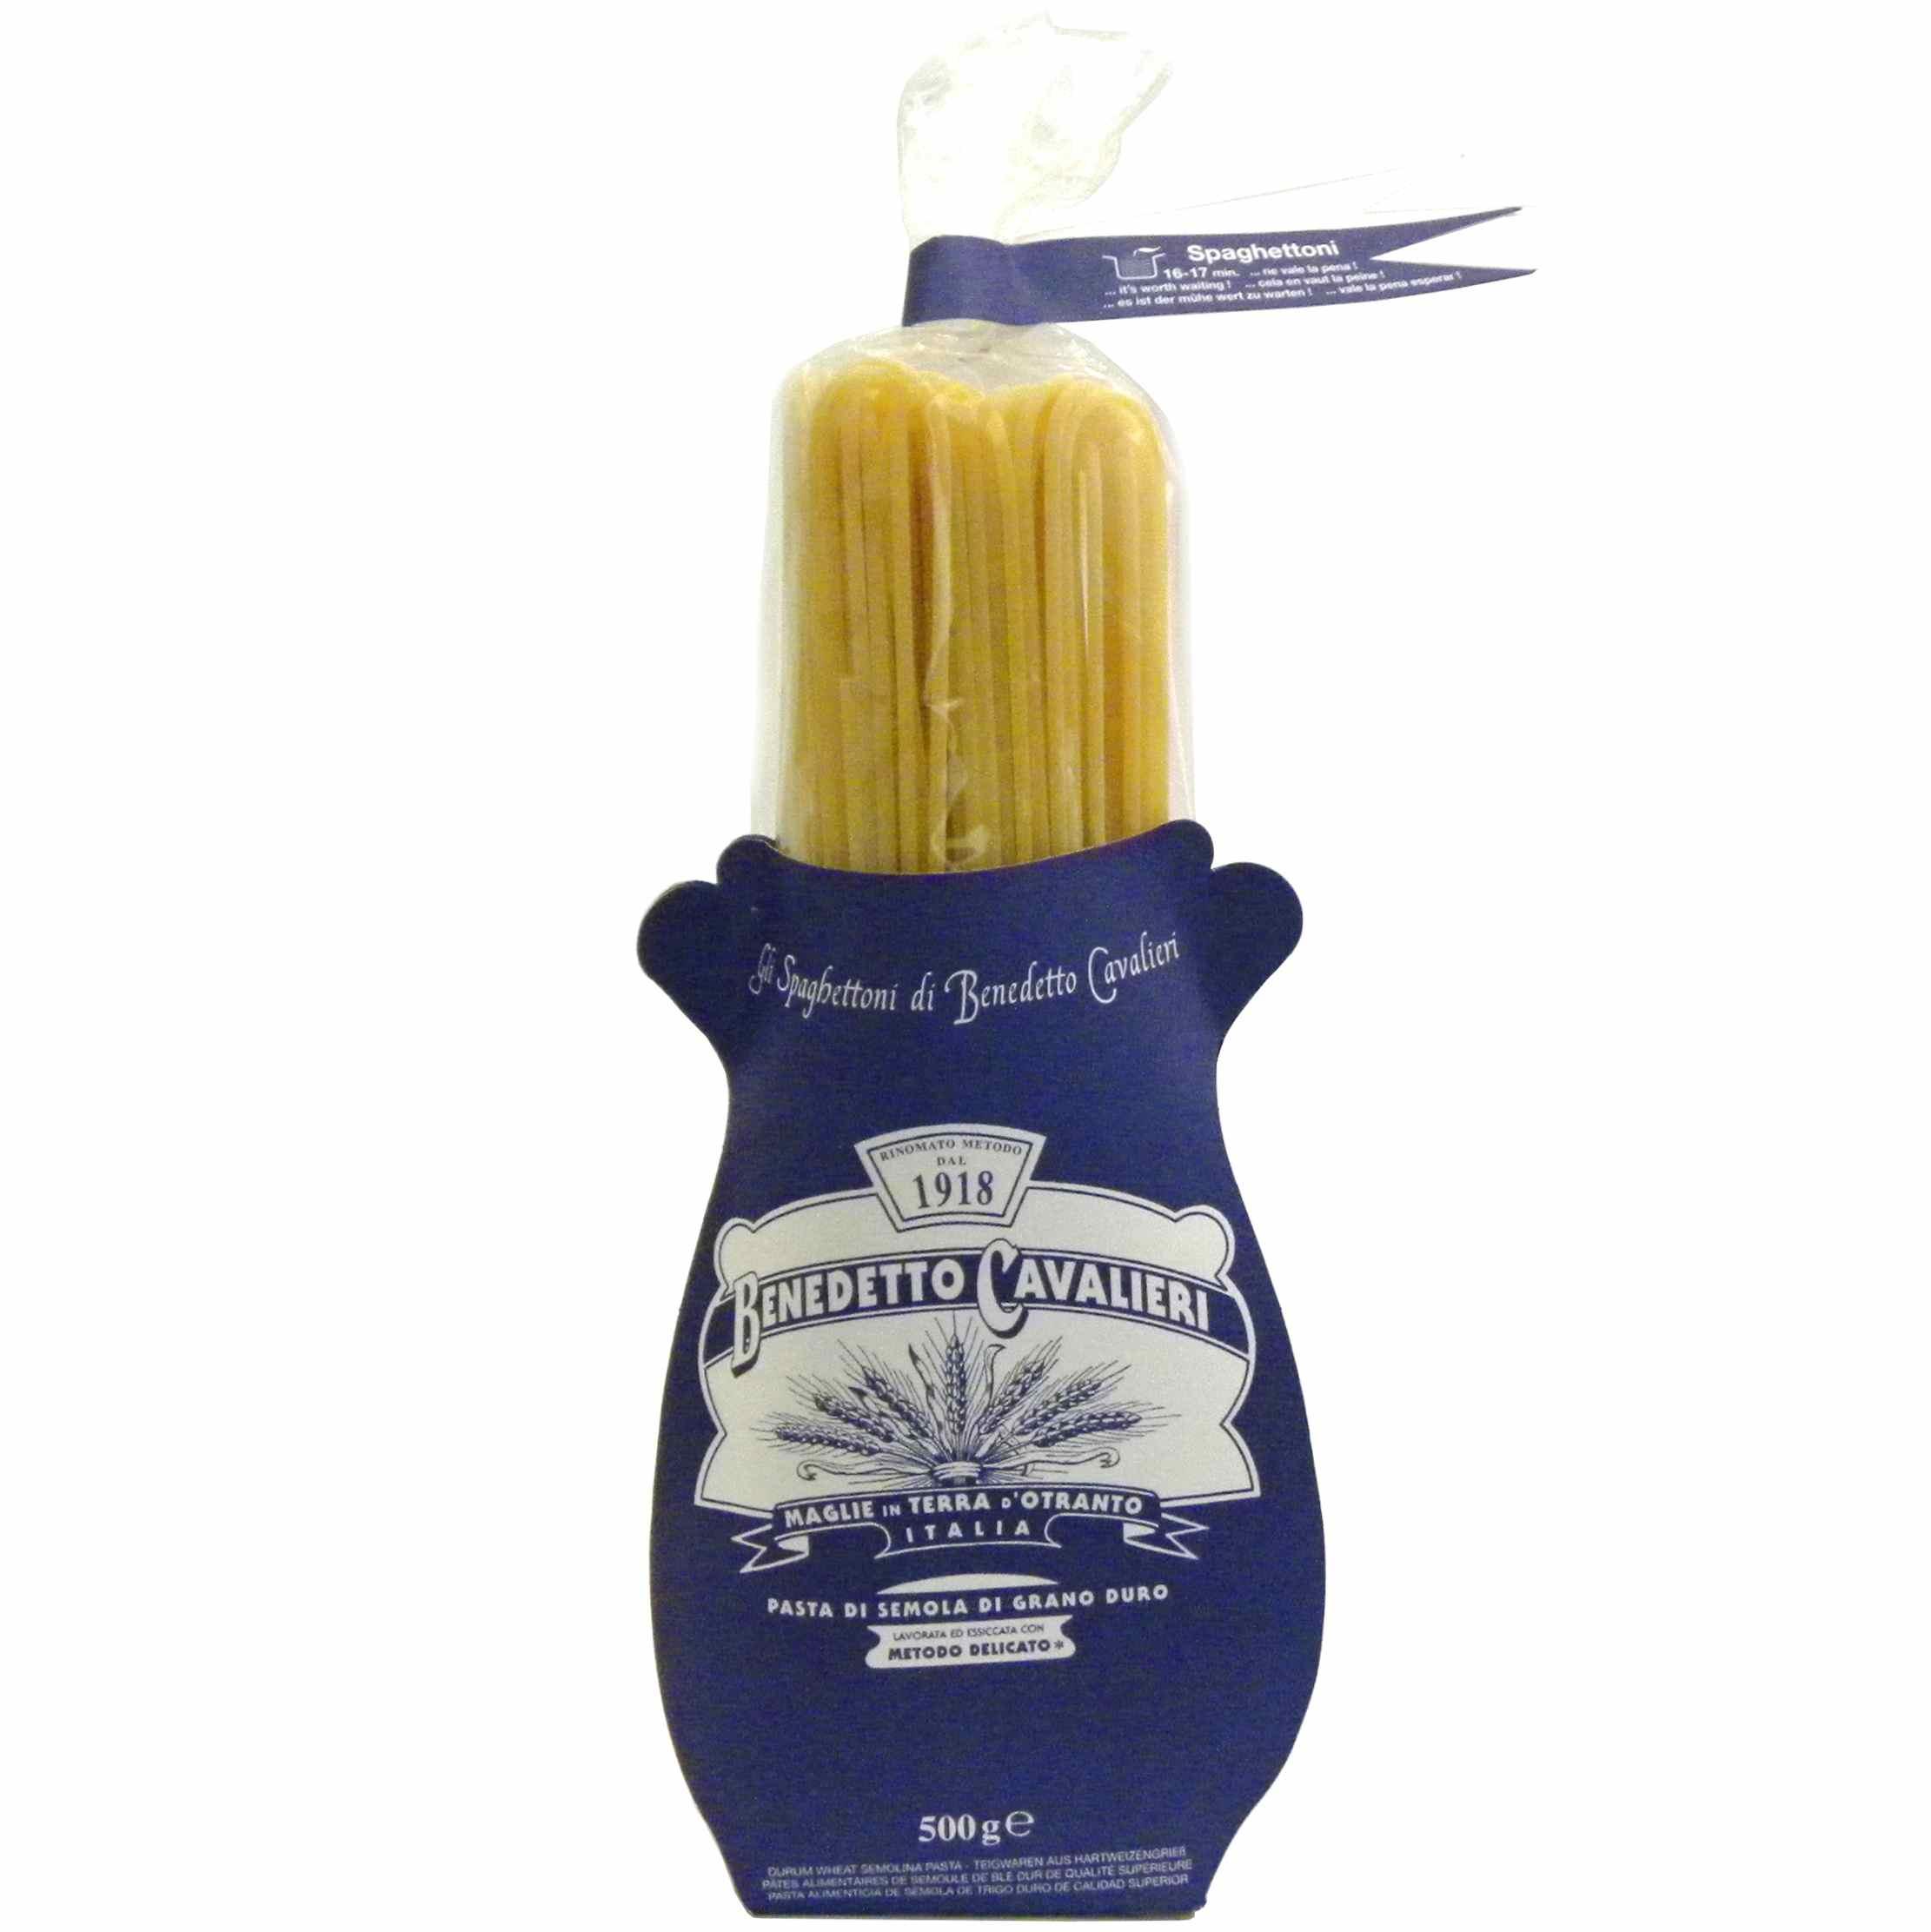 Benedetto Cavalieri Pasta Spaghettoni Gustorotondo – Italian food boutique